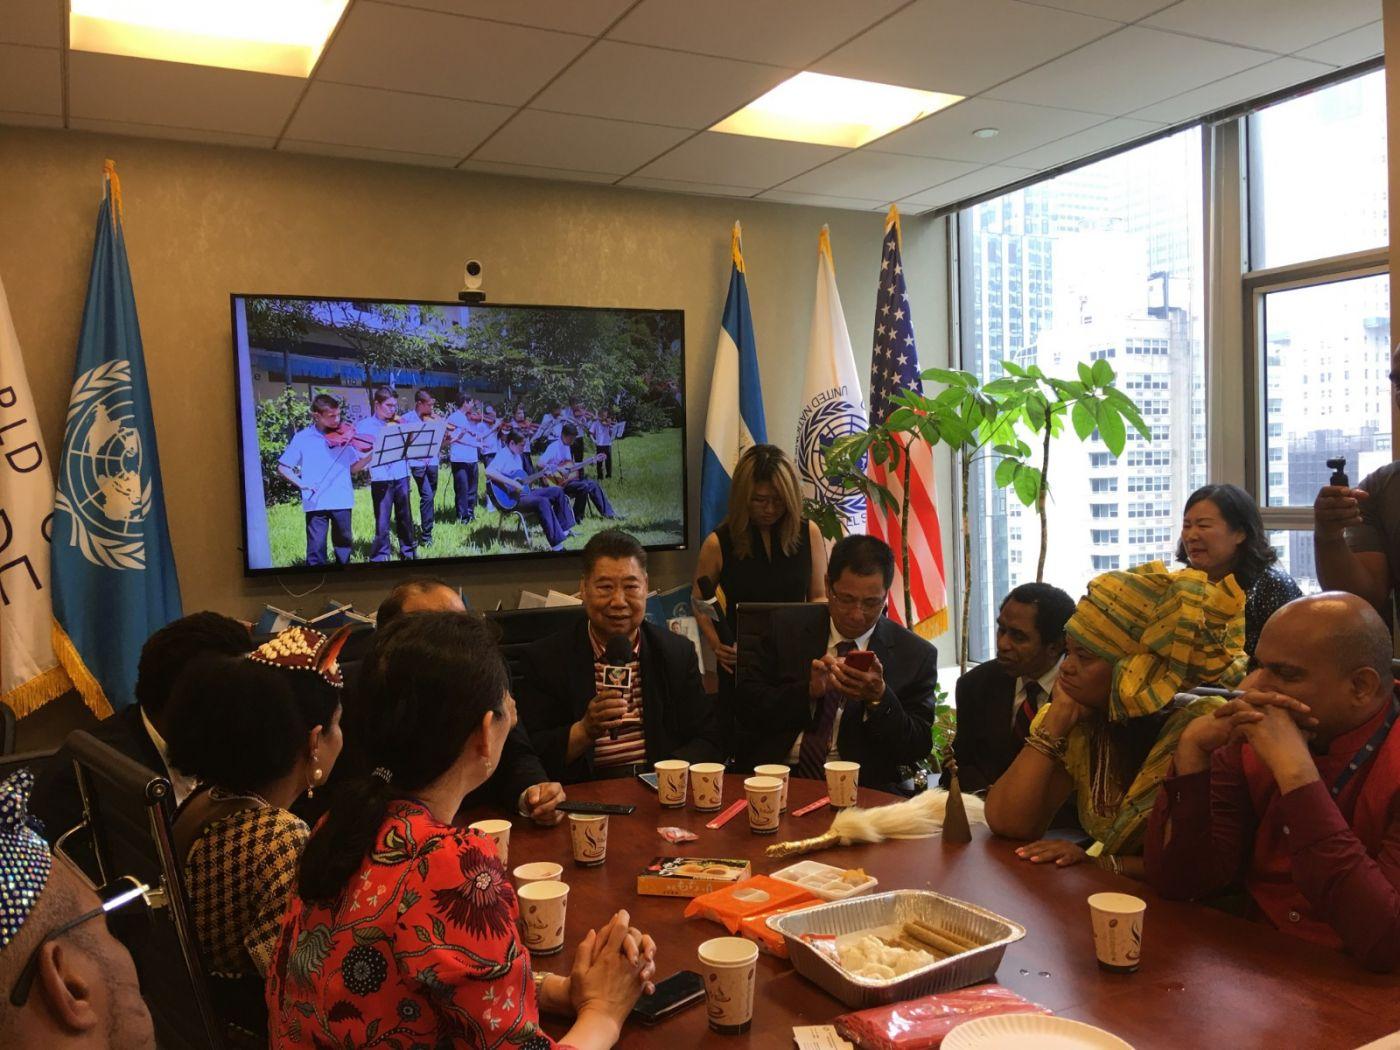 聯合國中華媽祖文化發展基金會受邀参加聯合國納尔遜.曼德拉国际日的一系列活动 ..._图1-16